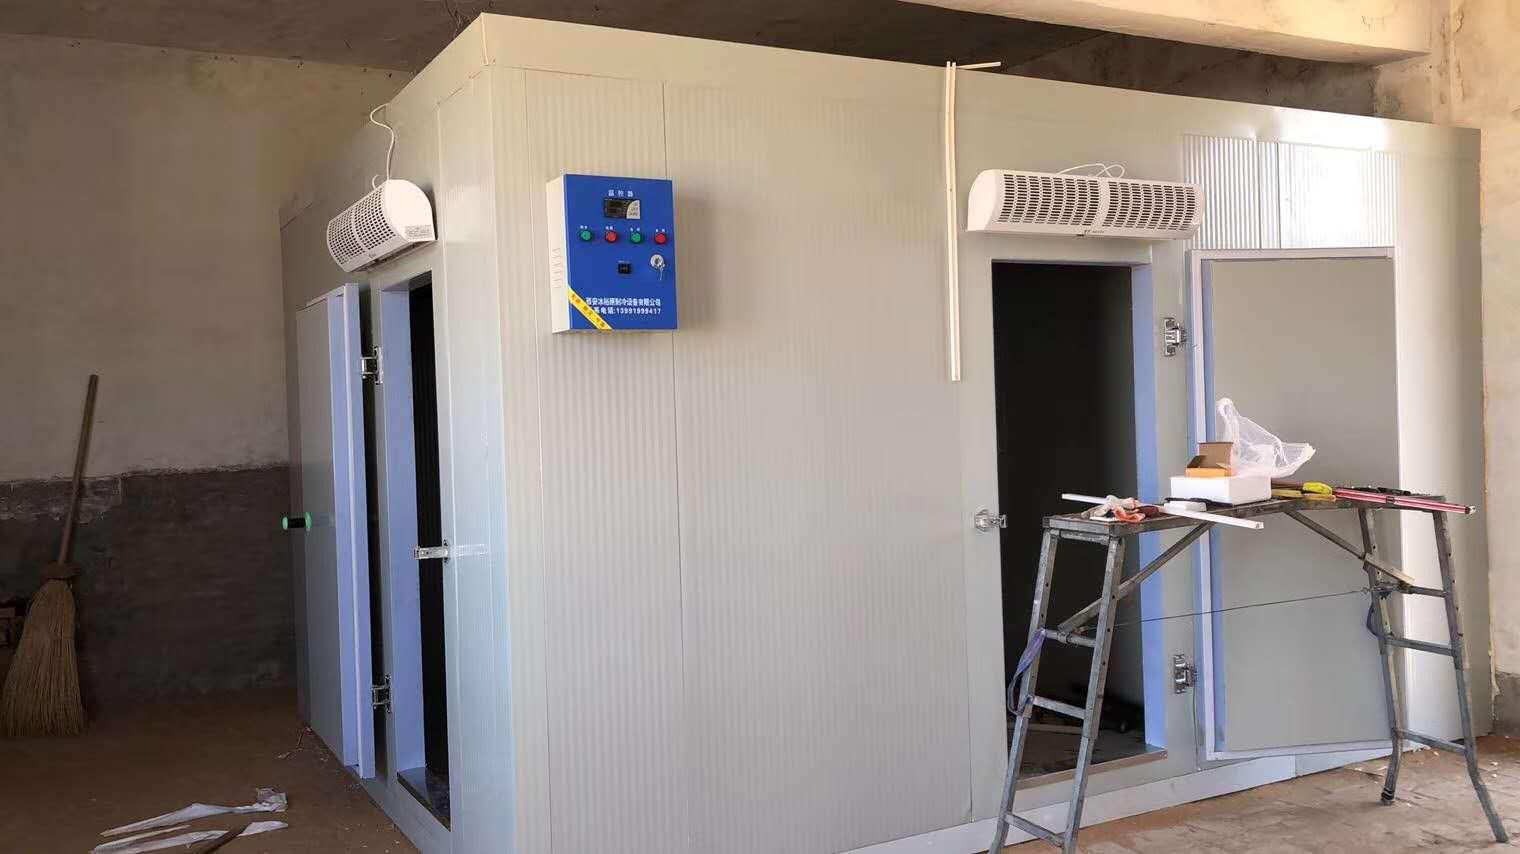 食品冷库建造安装时需要注意什么样的问题?